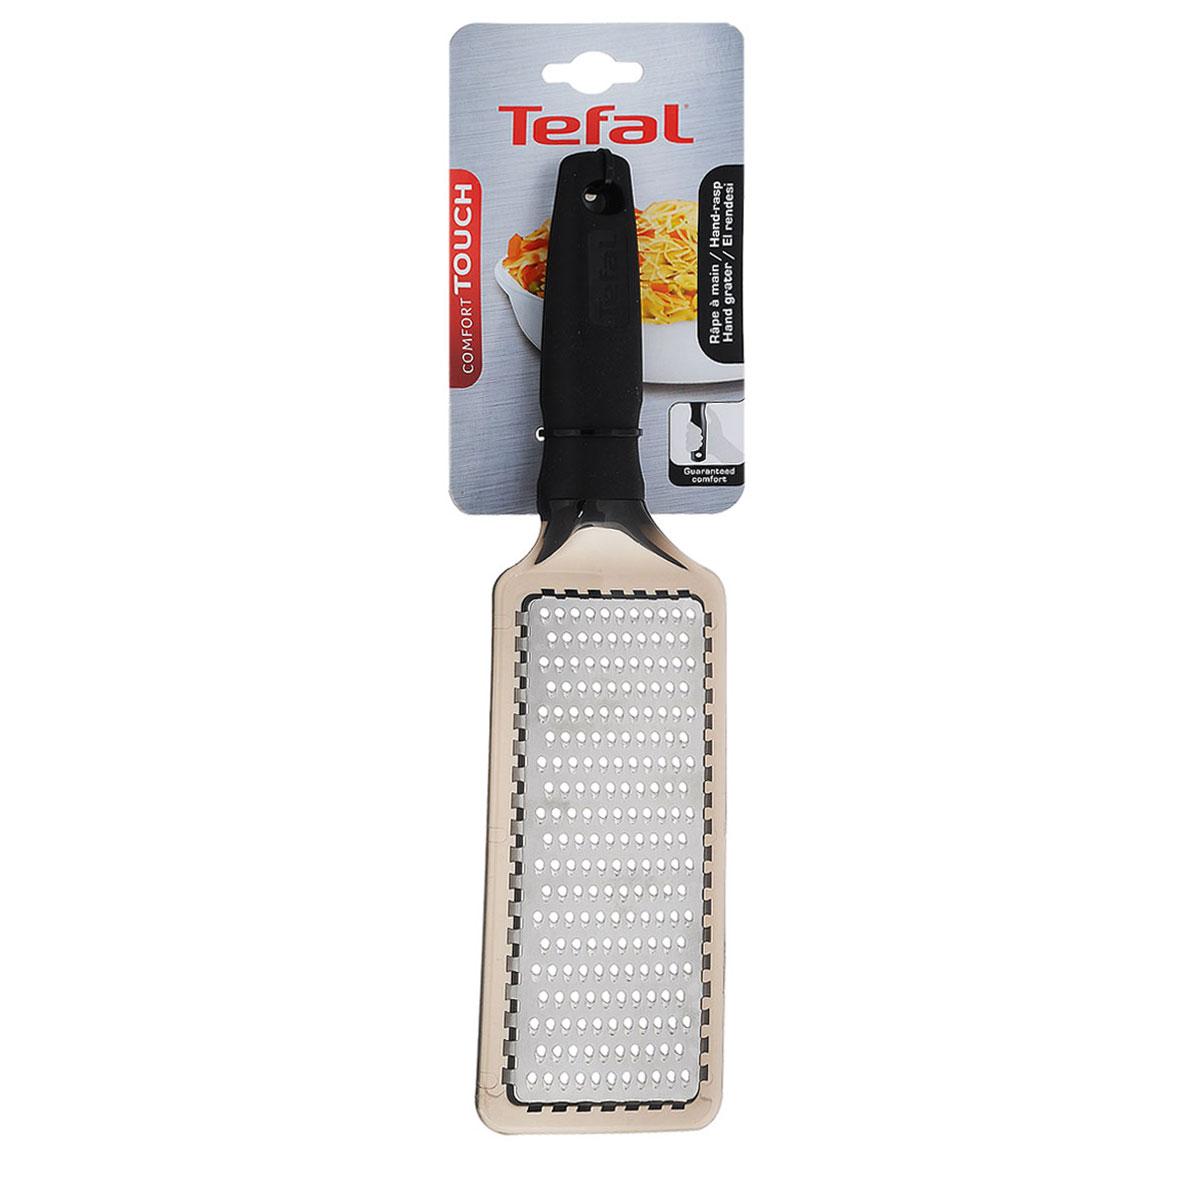 Терка Tefal Comfort Touch, плоская, с ручкой, цвет: черный2100071034Терка Tefal Comfort Touch изготовлена из высококачественной нержавеющей стали. Изделие снабжено лезвиями для мелкой терки. Благодаря удобной пластиковой прорезиненной ручке терку удобно использовать и приятно держать в руках. На ручке имеется отверстие для подвешивания.Терка Tefal Comfort Touch прекрасно дополнит коллекцию ваших кухонных аксессуаров.Общая длина терки: 29 см.